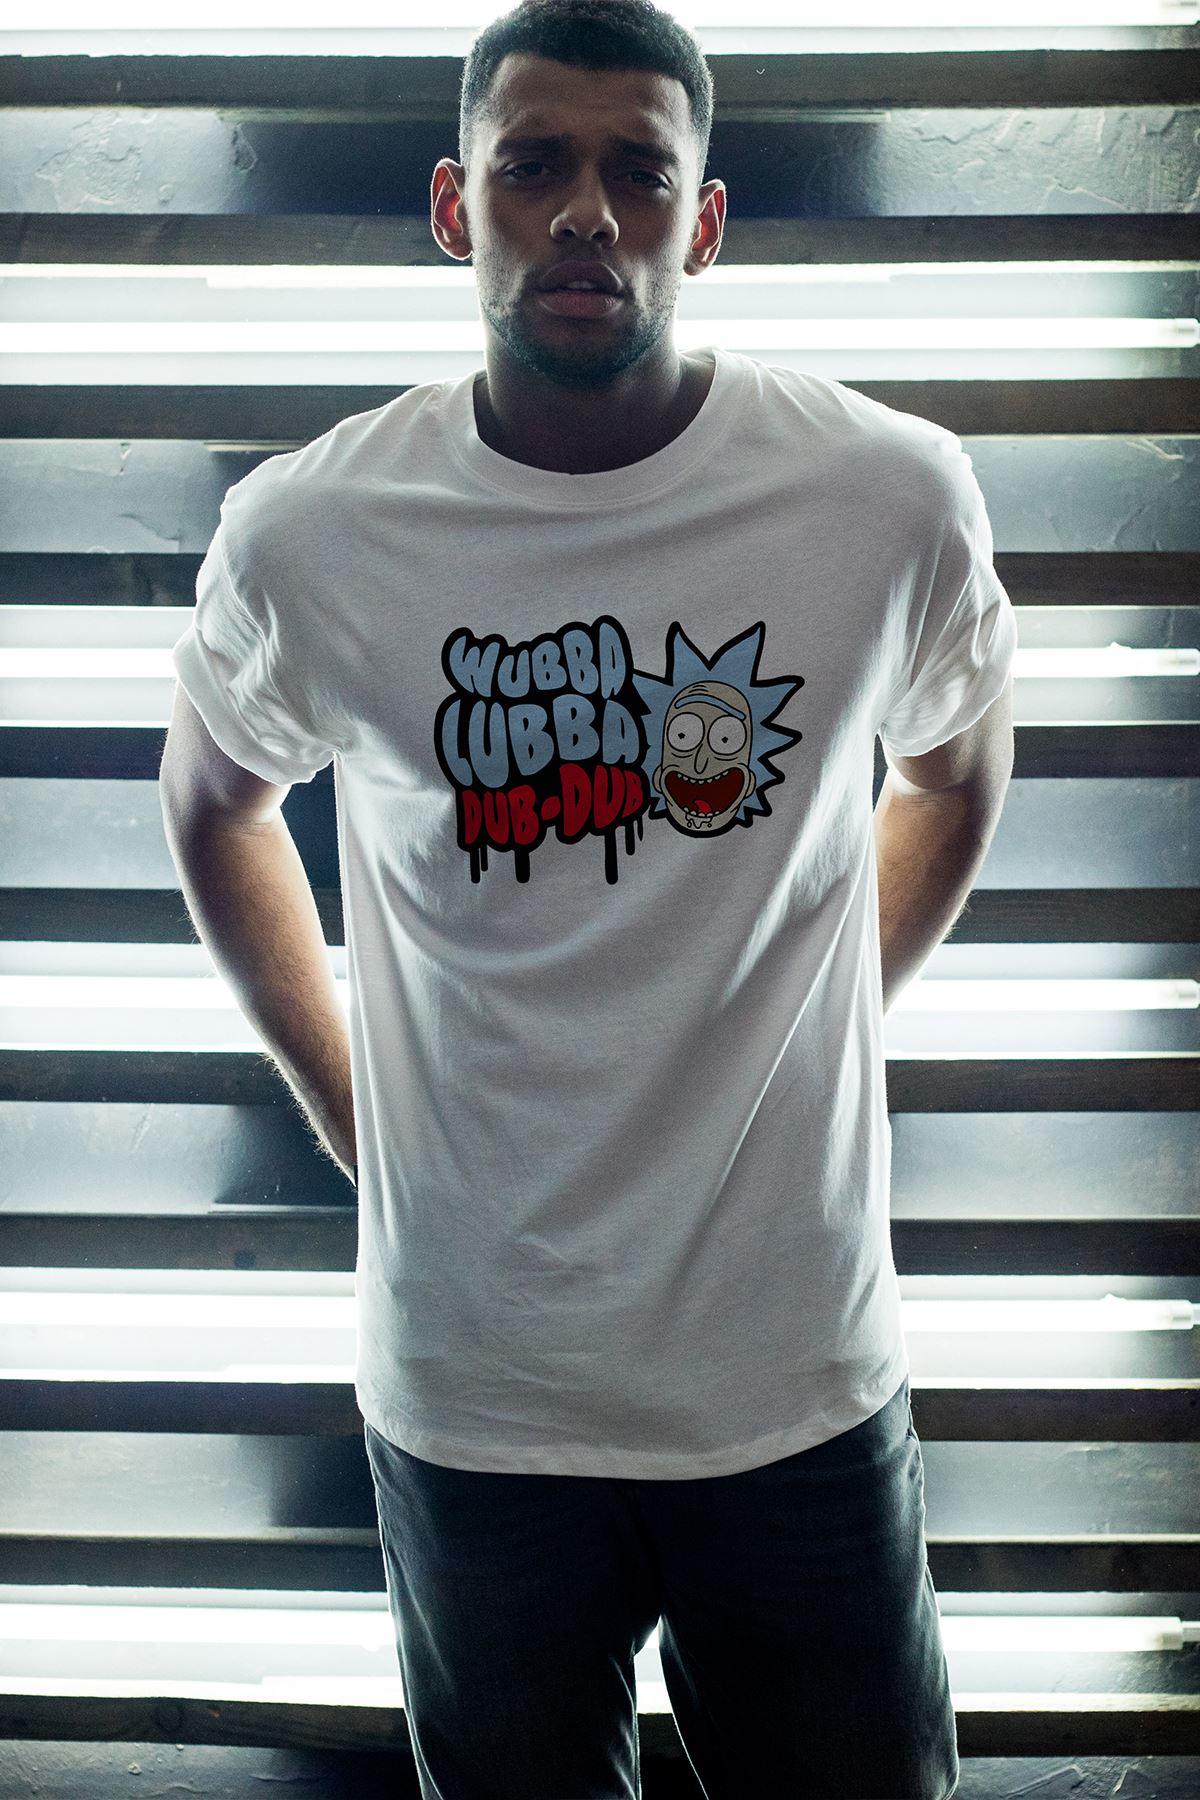 Rick and Morty 155 Beyaz Erkek Oversize Tshirt - Tişört